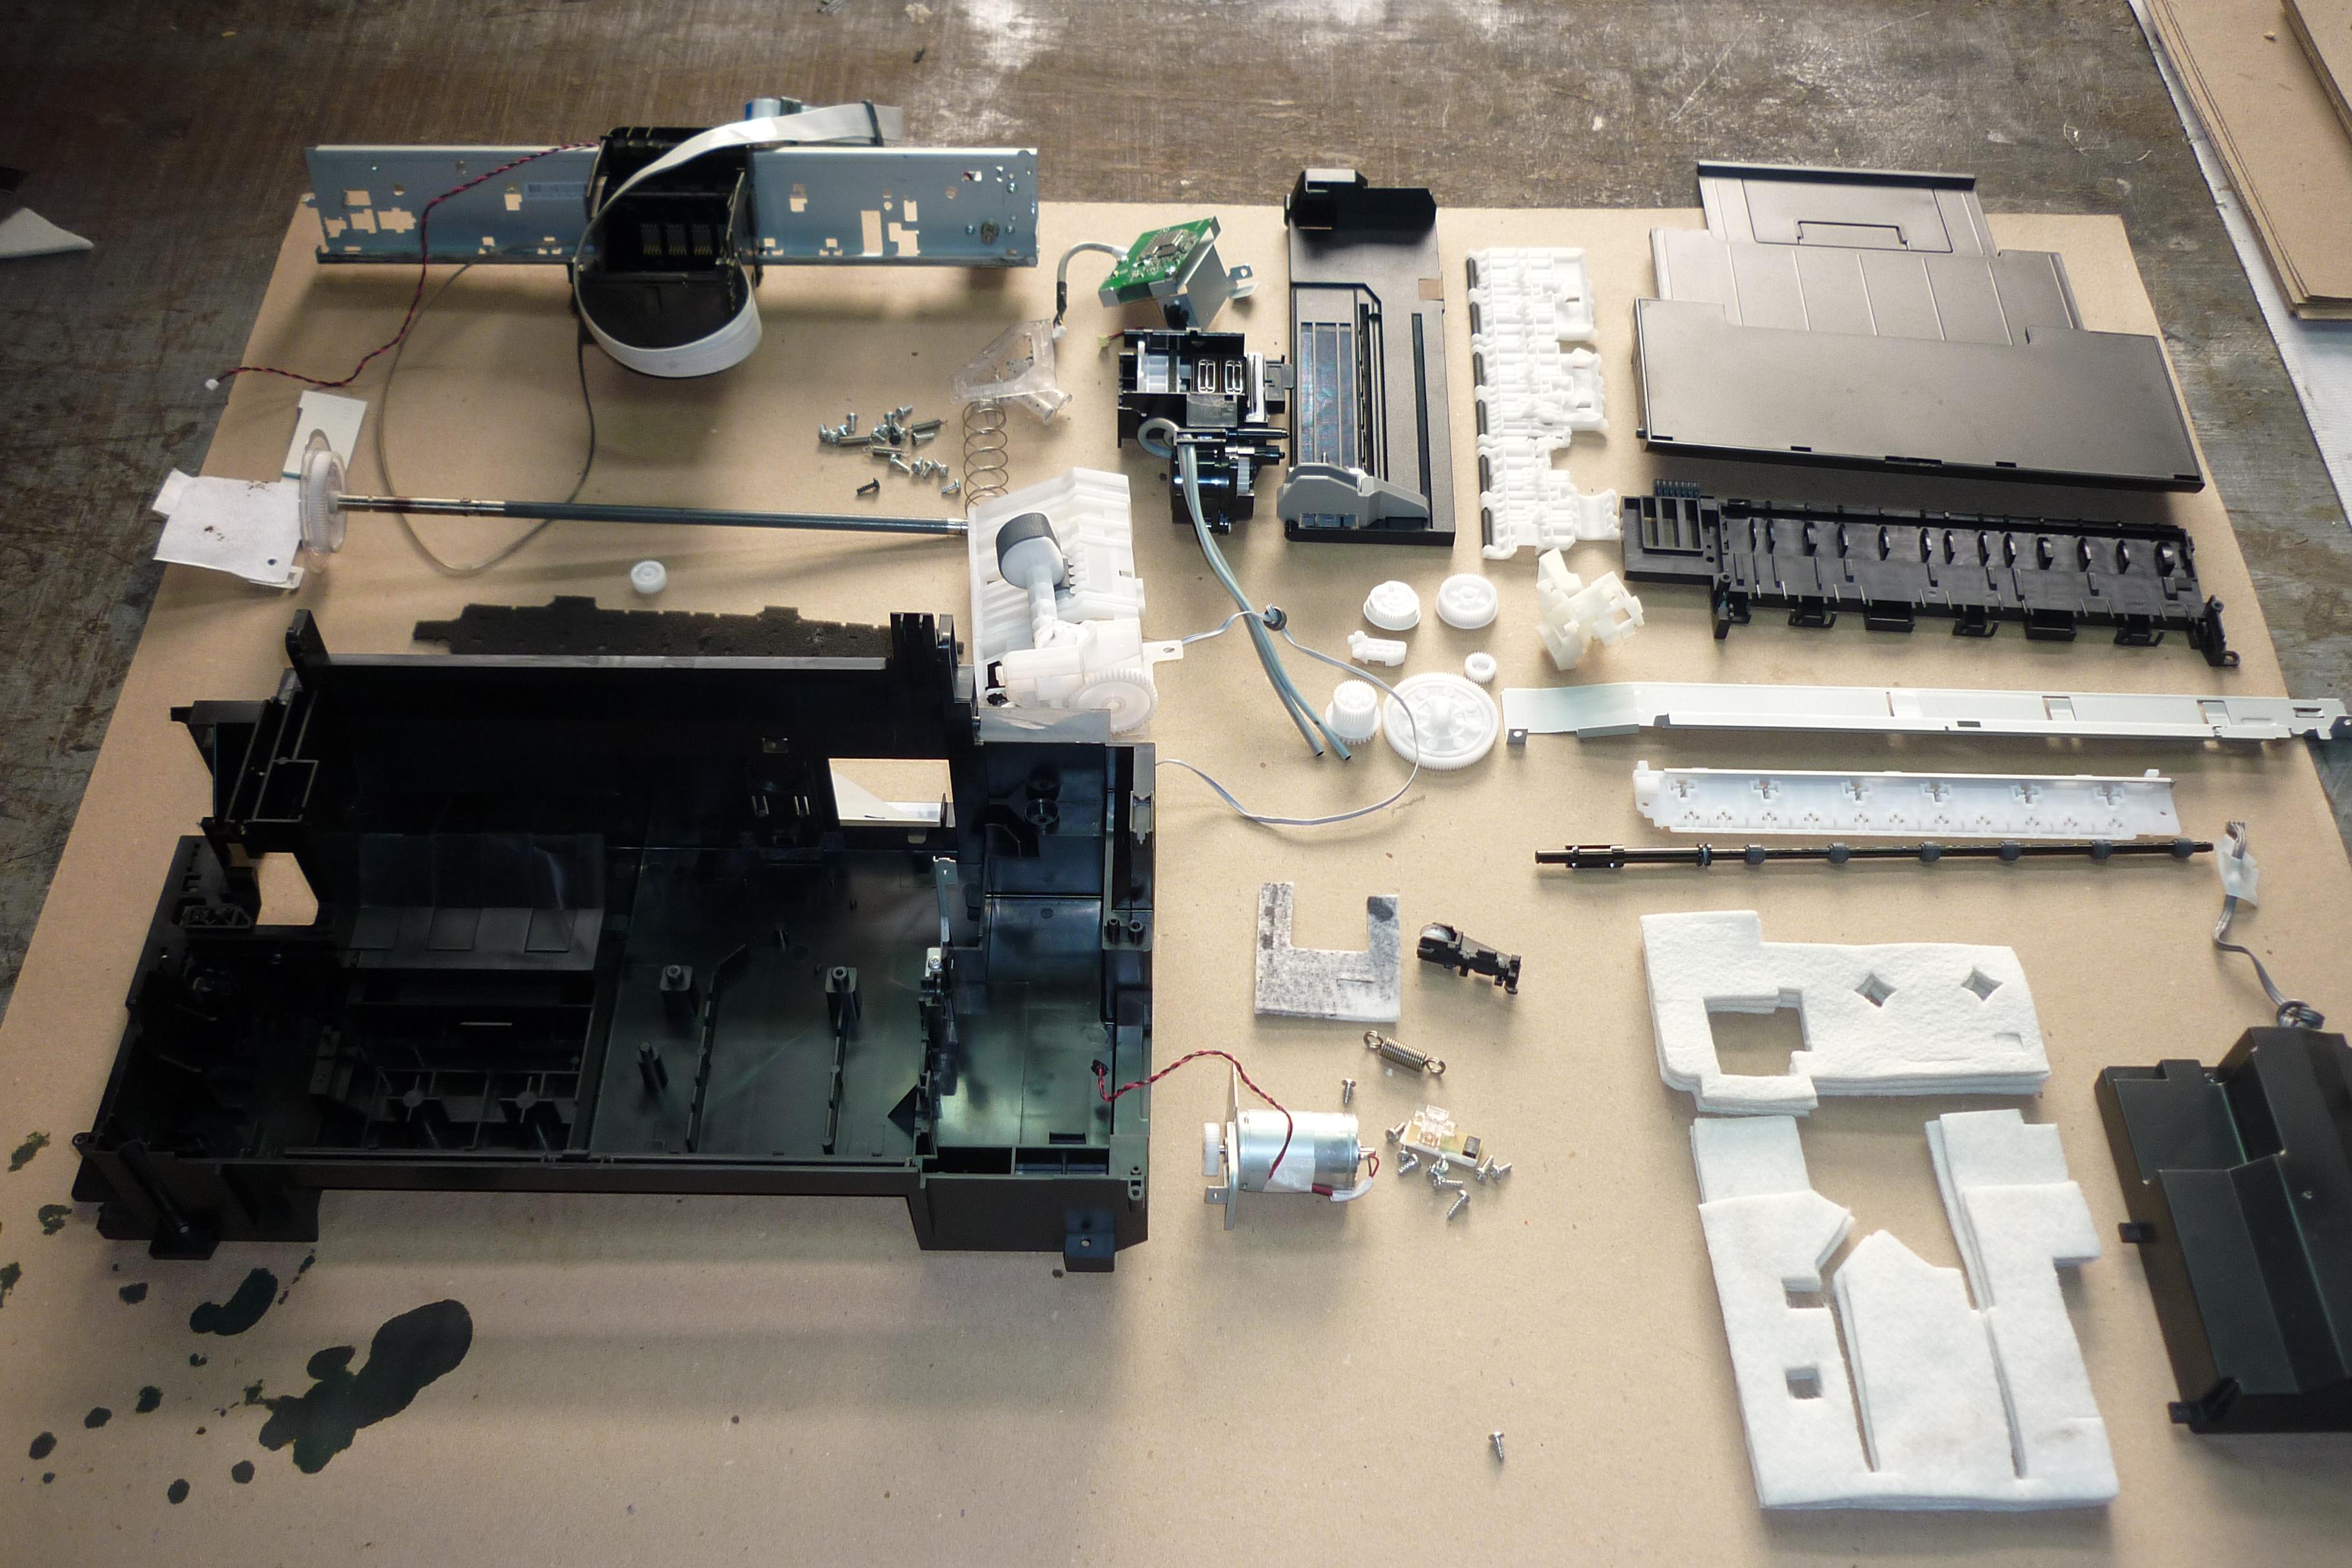 Preguntas Variadas Yo Reparo Mi Impresora